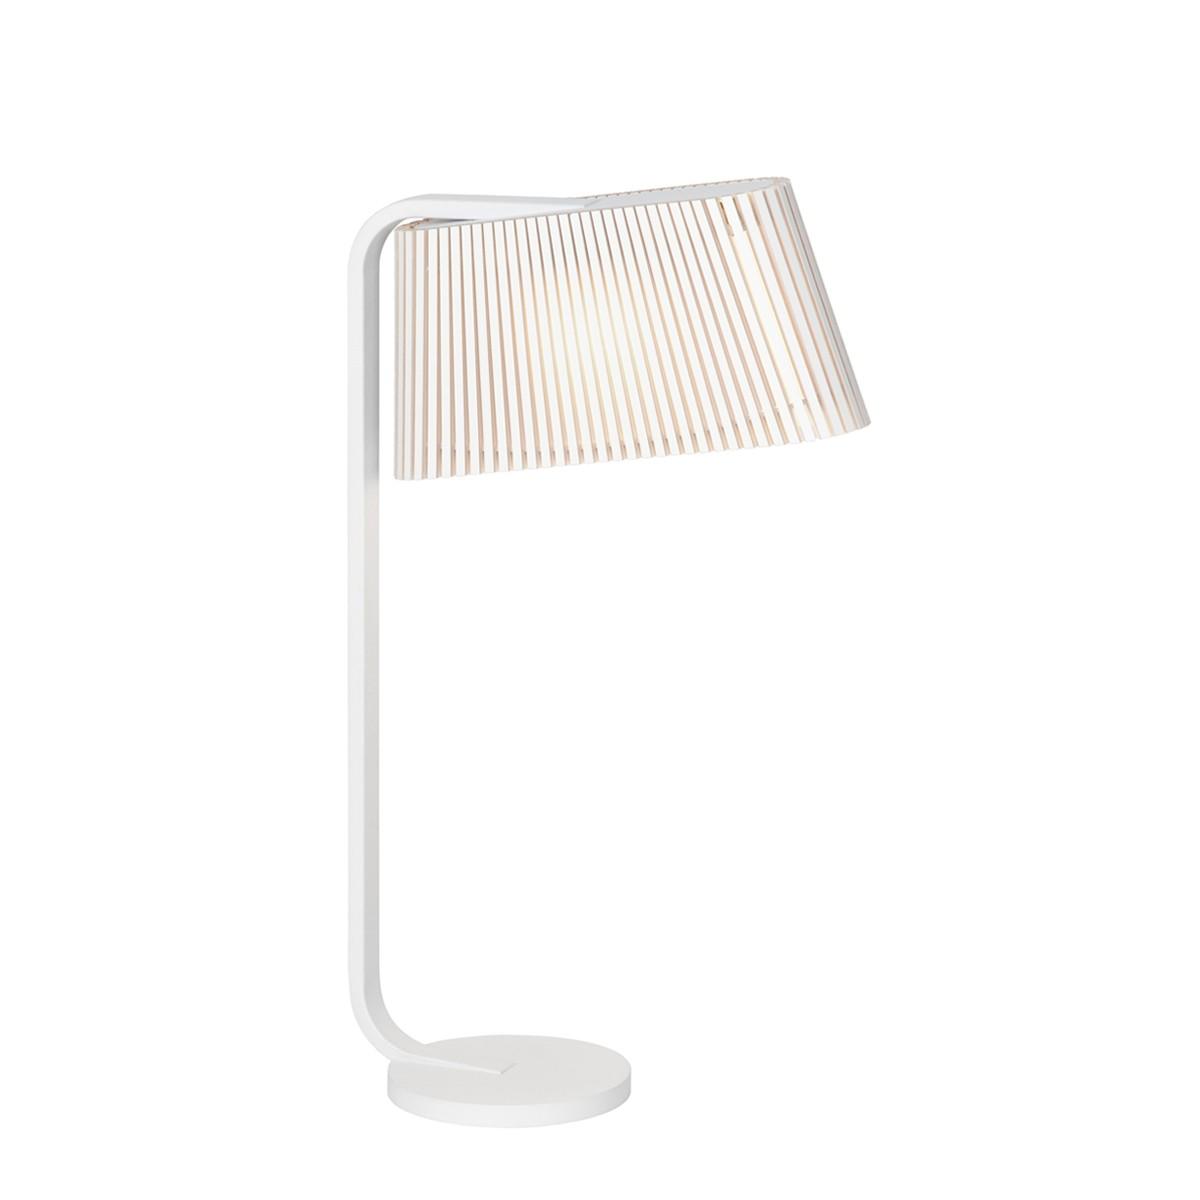 Secto Design Owalo 7020 Tischleuchte, weiß, Schirm: weiß laminiert